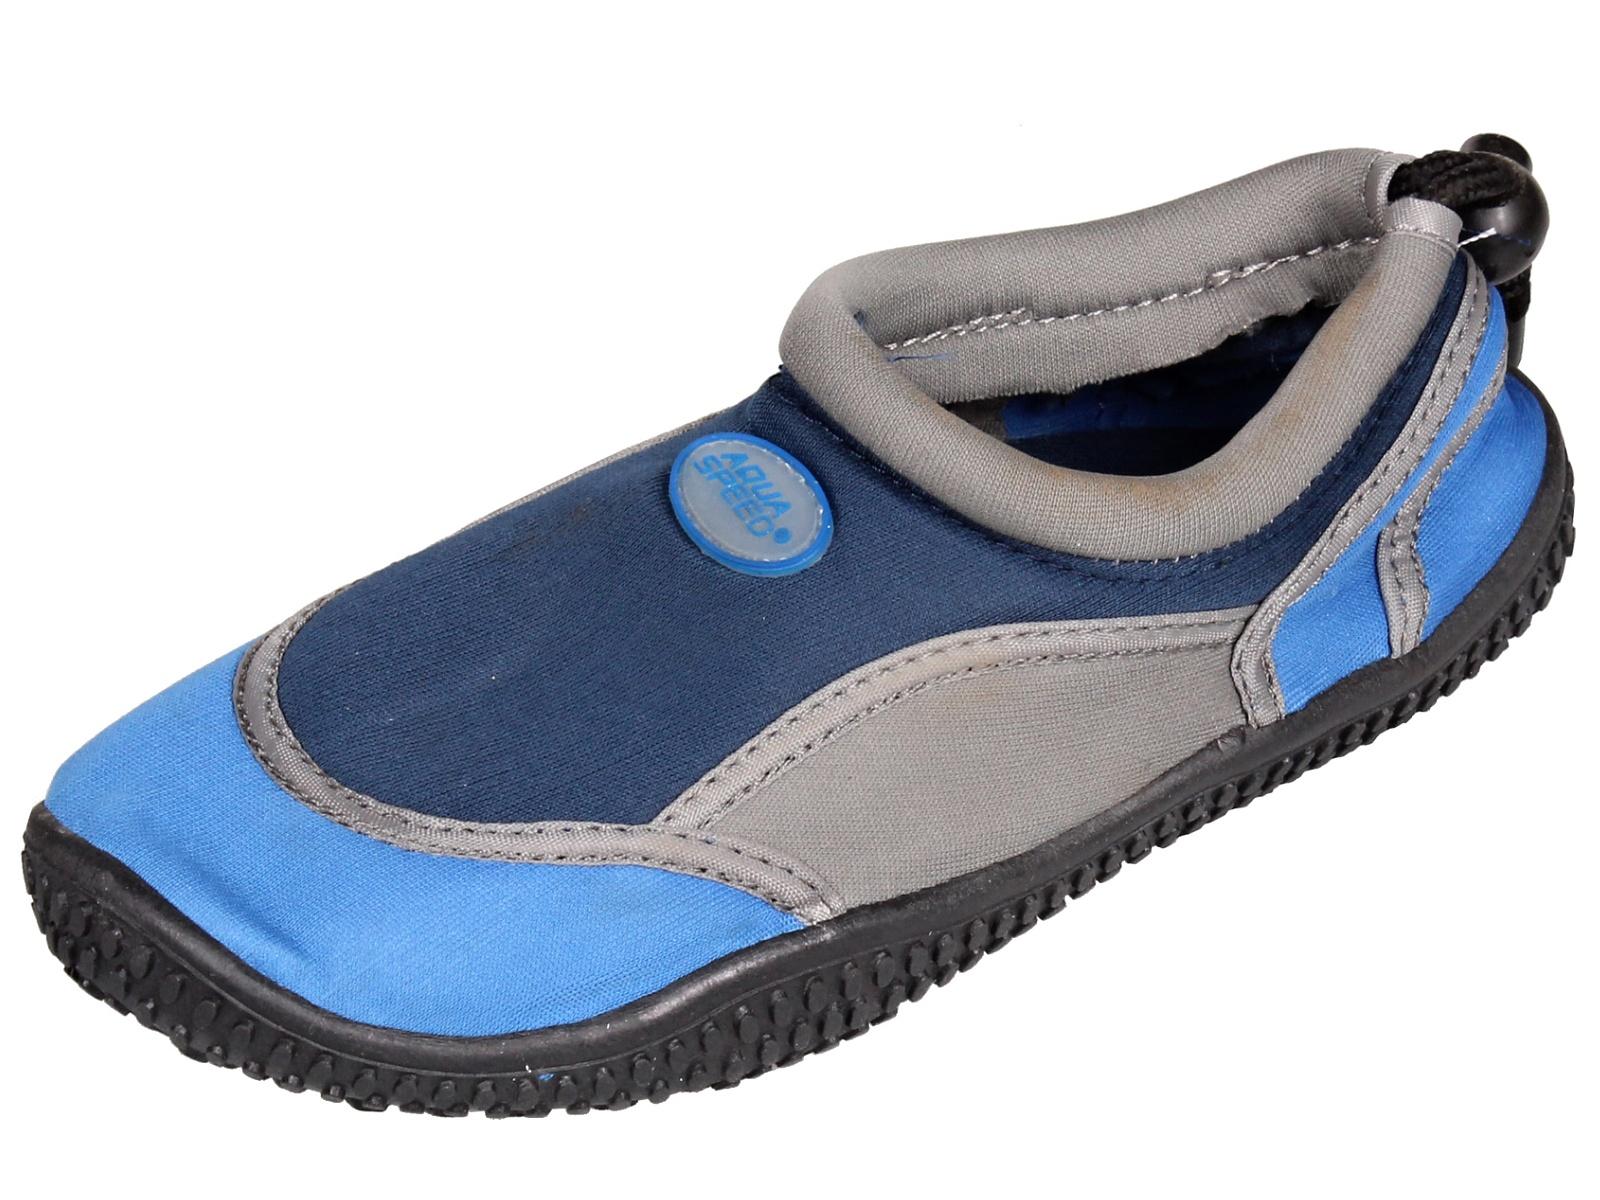 Boty do vody AQUA-SPEED 21A dětské modré - vel. 28